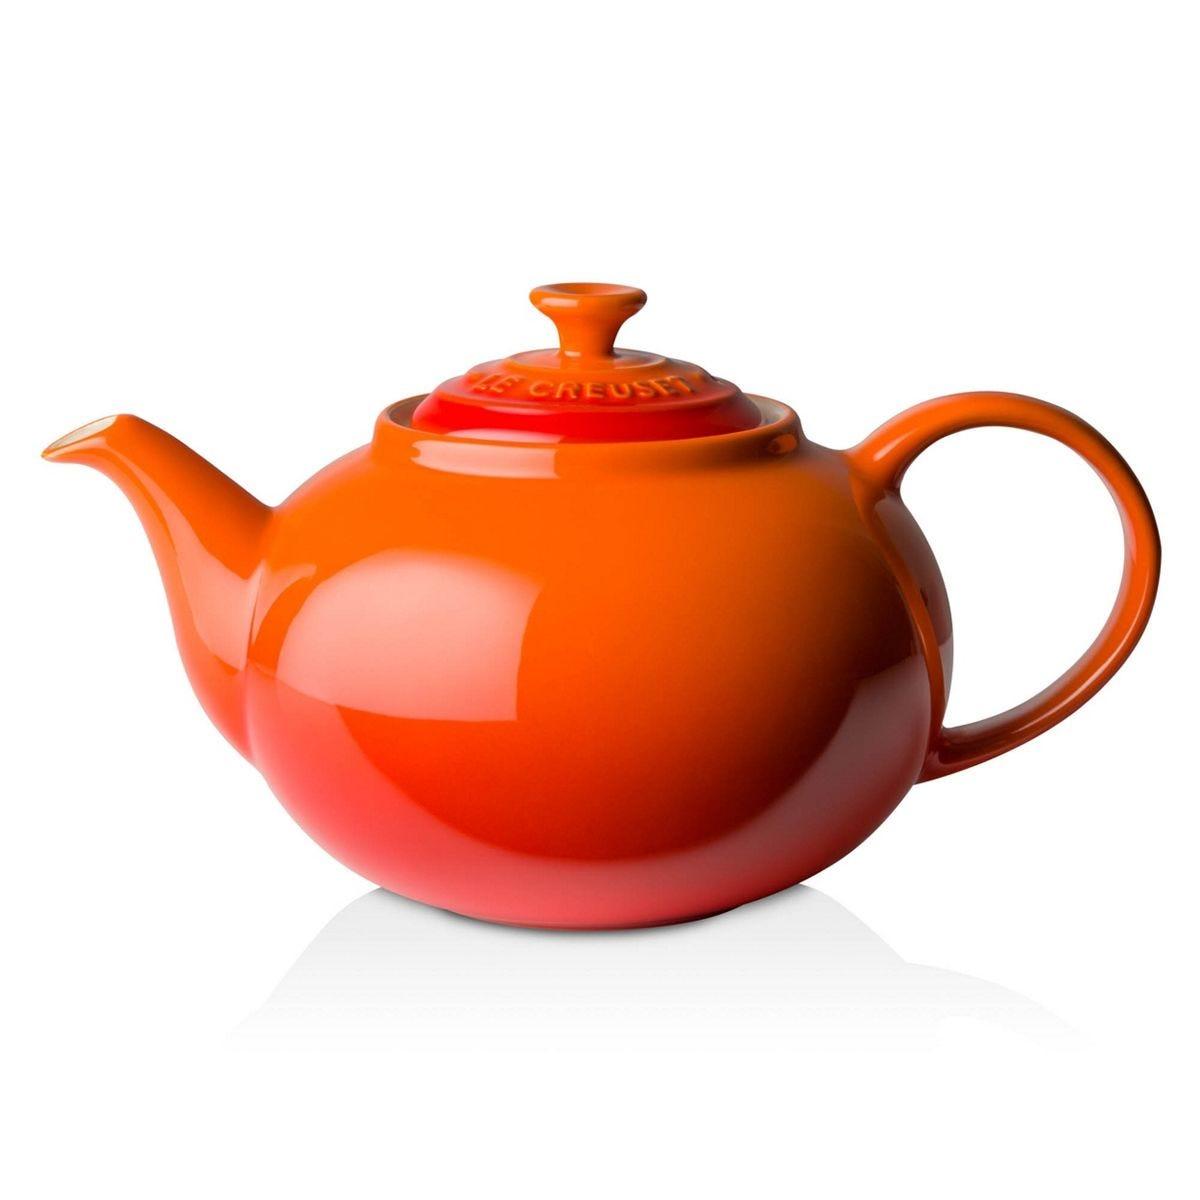 Le Creuset Stoneware Classic Teapot 1.3L Volcanic